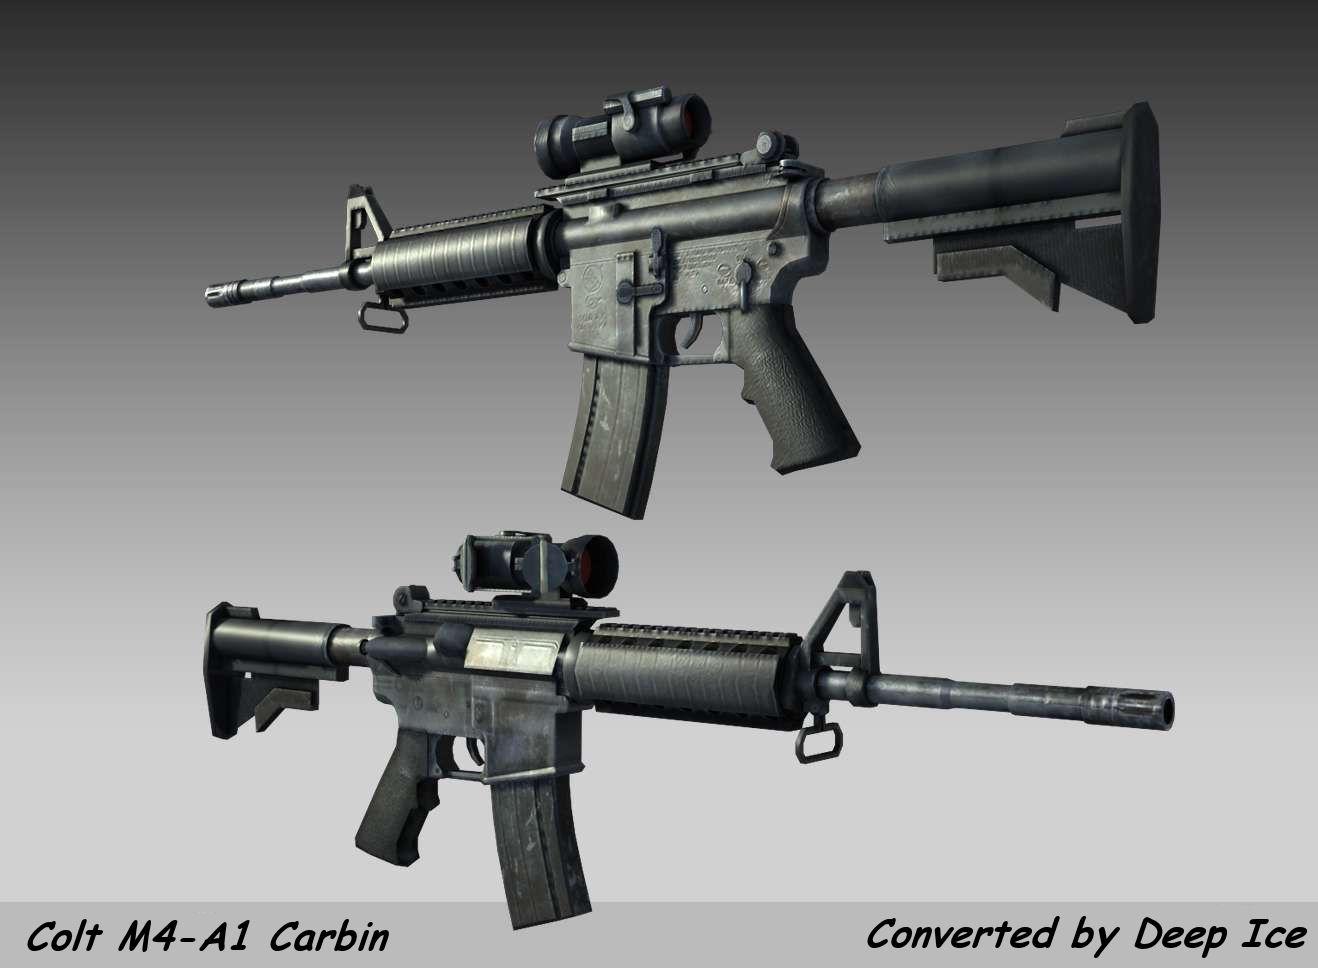 carabina m4